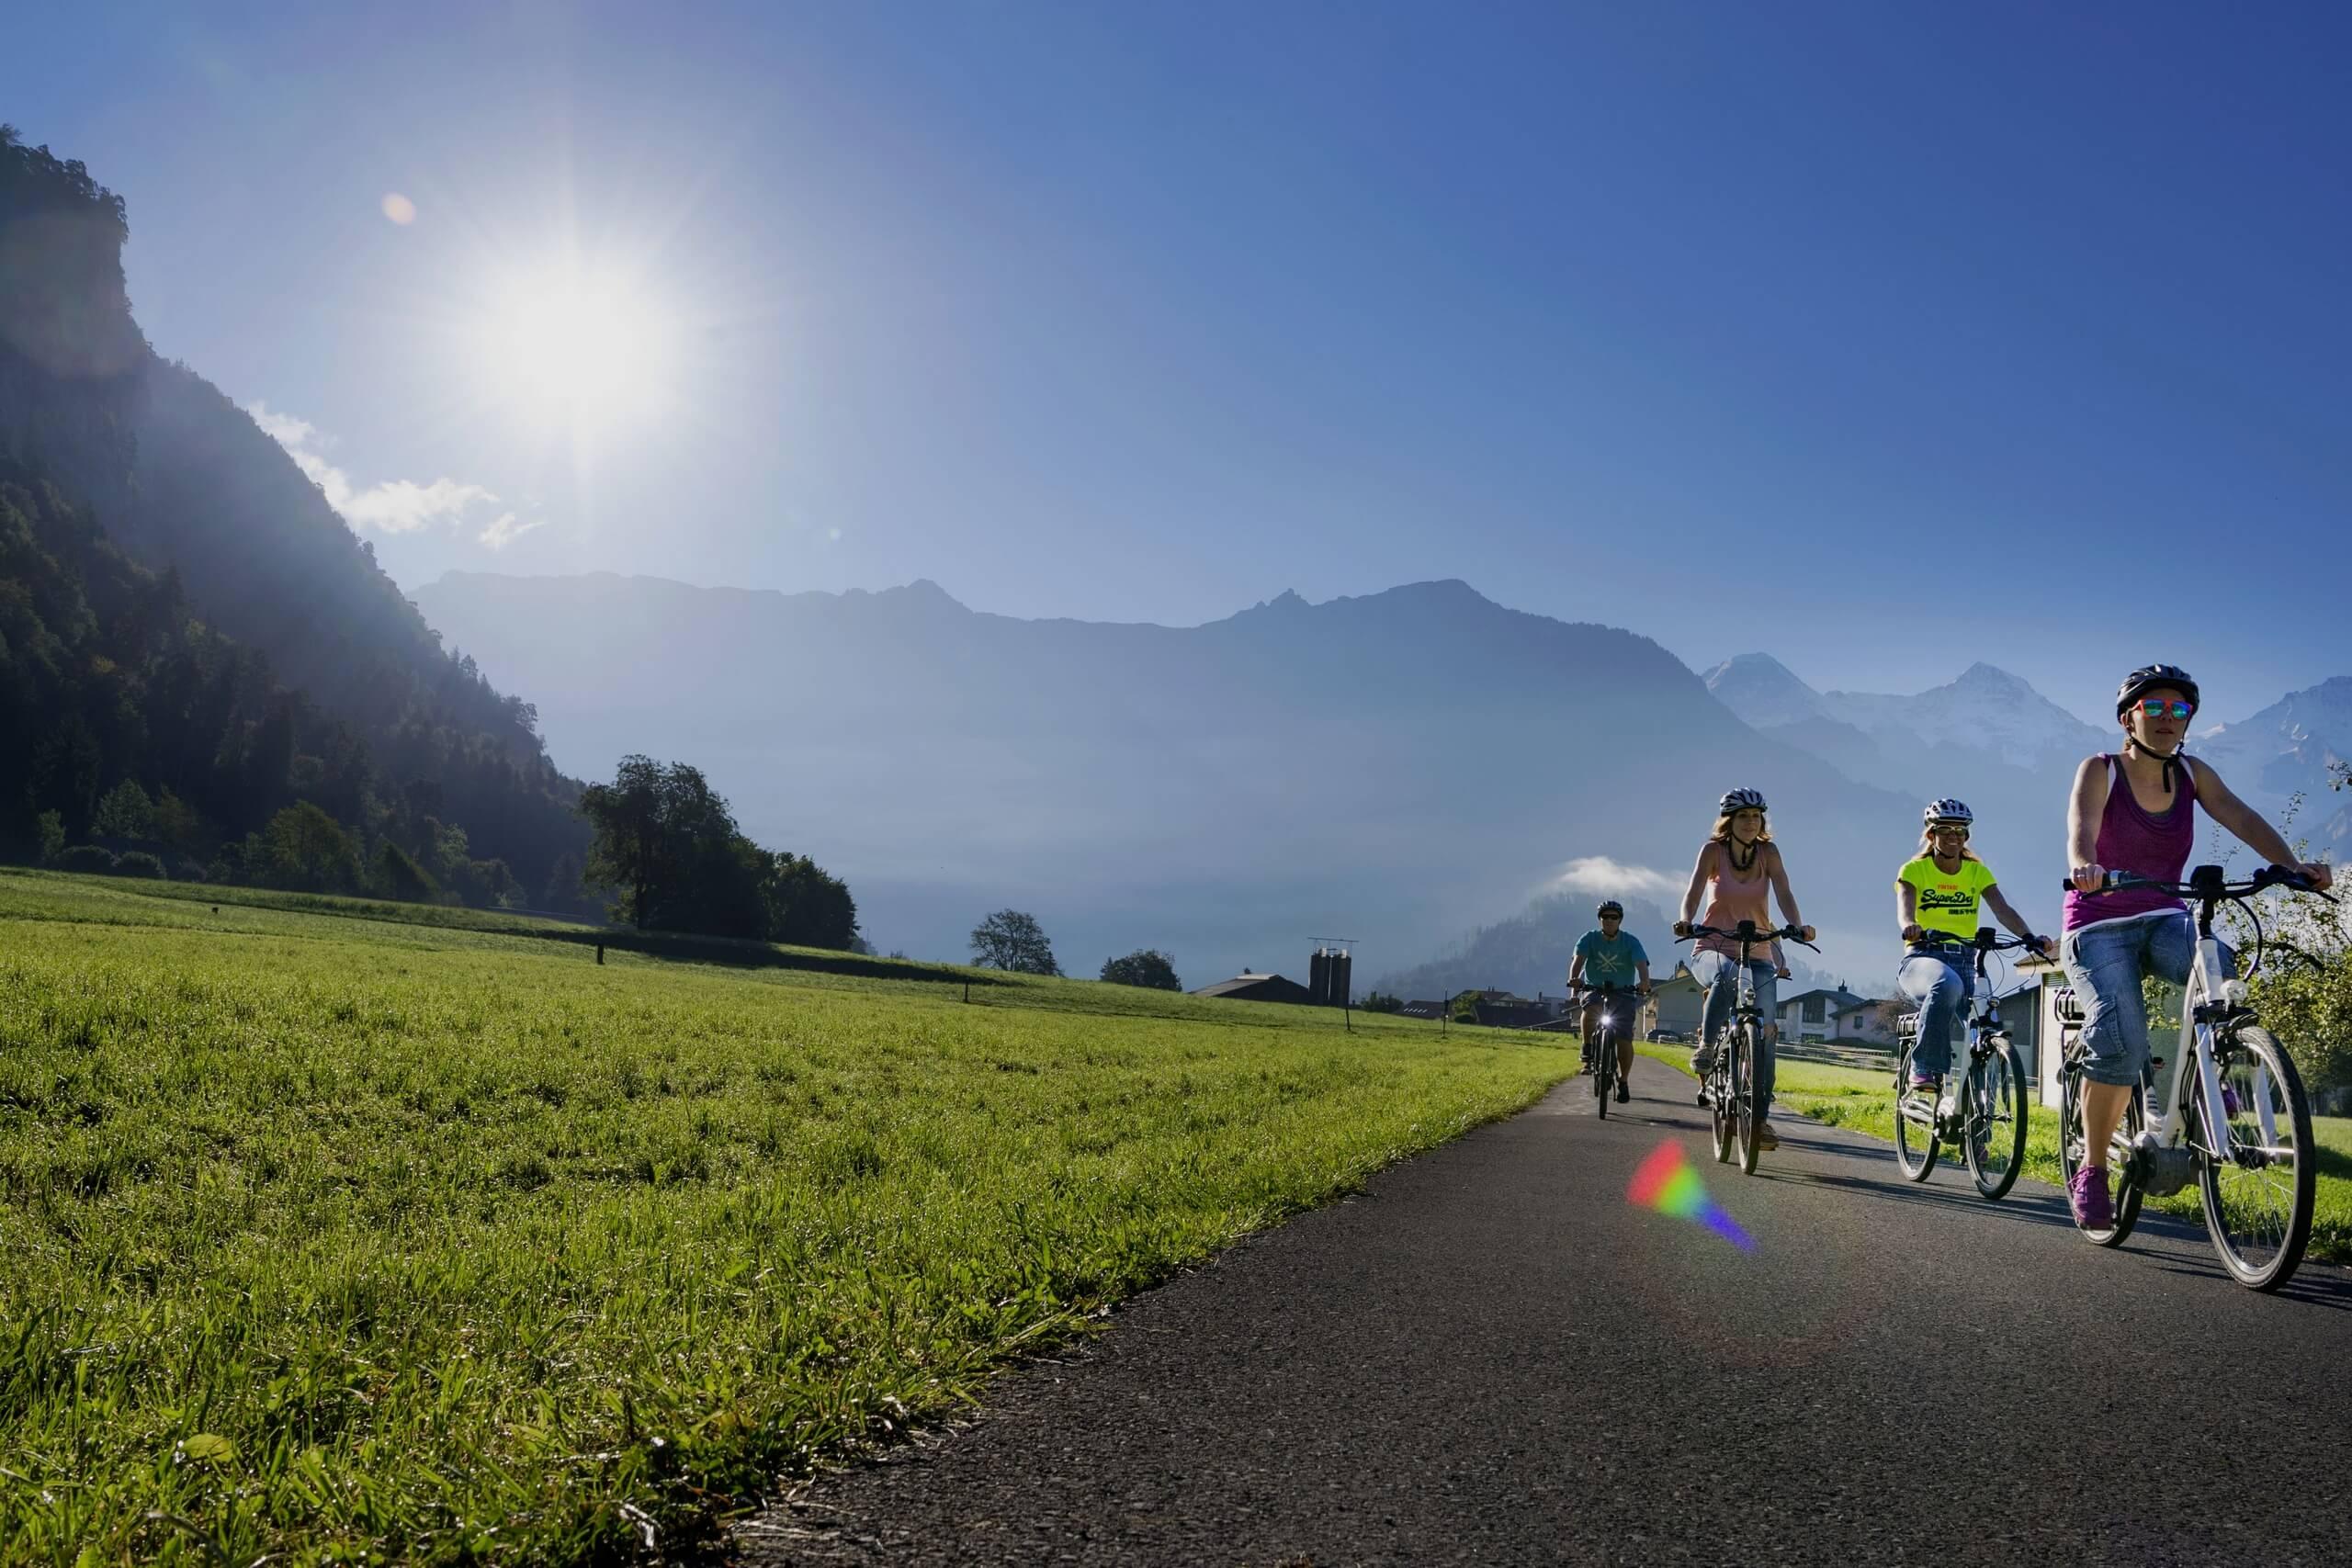 interlaken-flying-wheels-fahrrad-tour-boedeli-sonnenschein-sommer